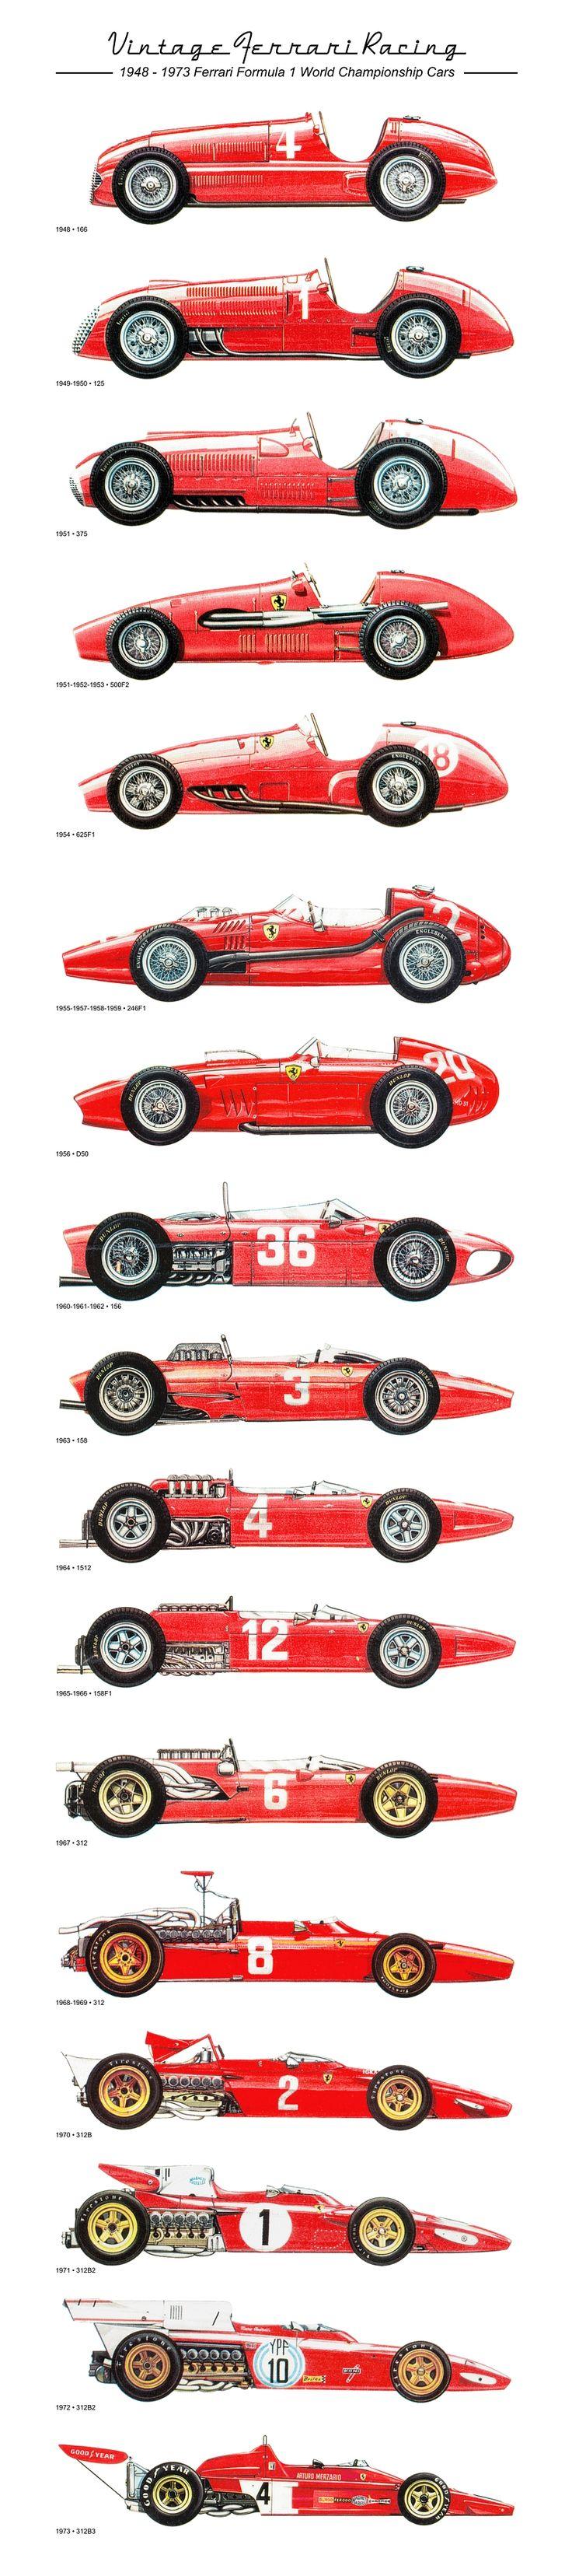 Vintage Ferrari Racing poster. Beautiful